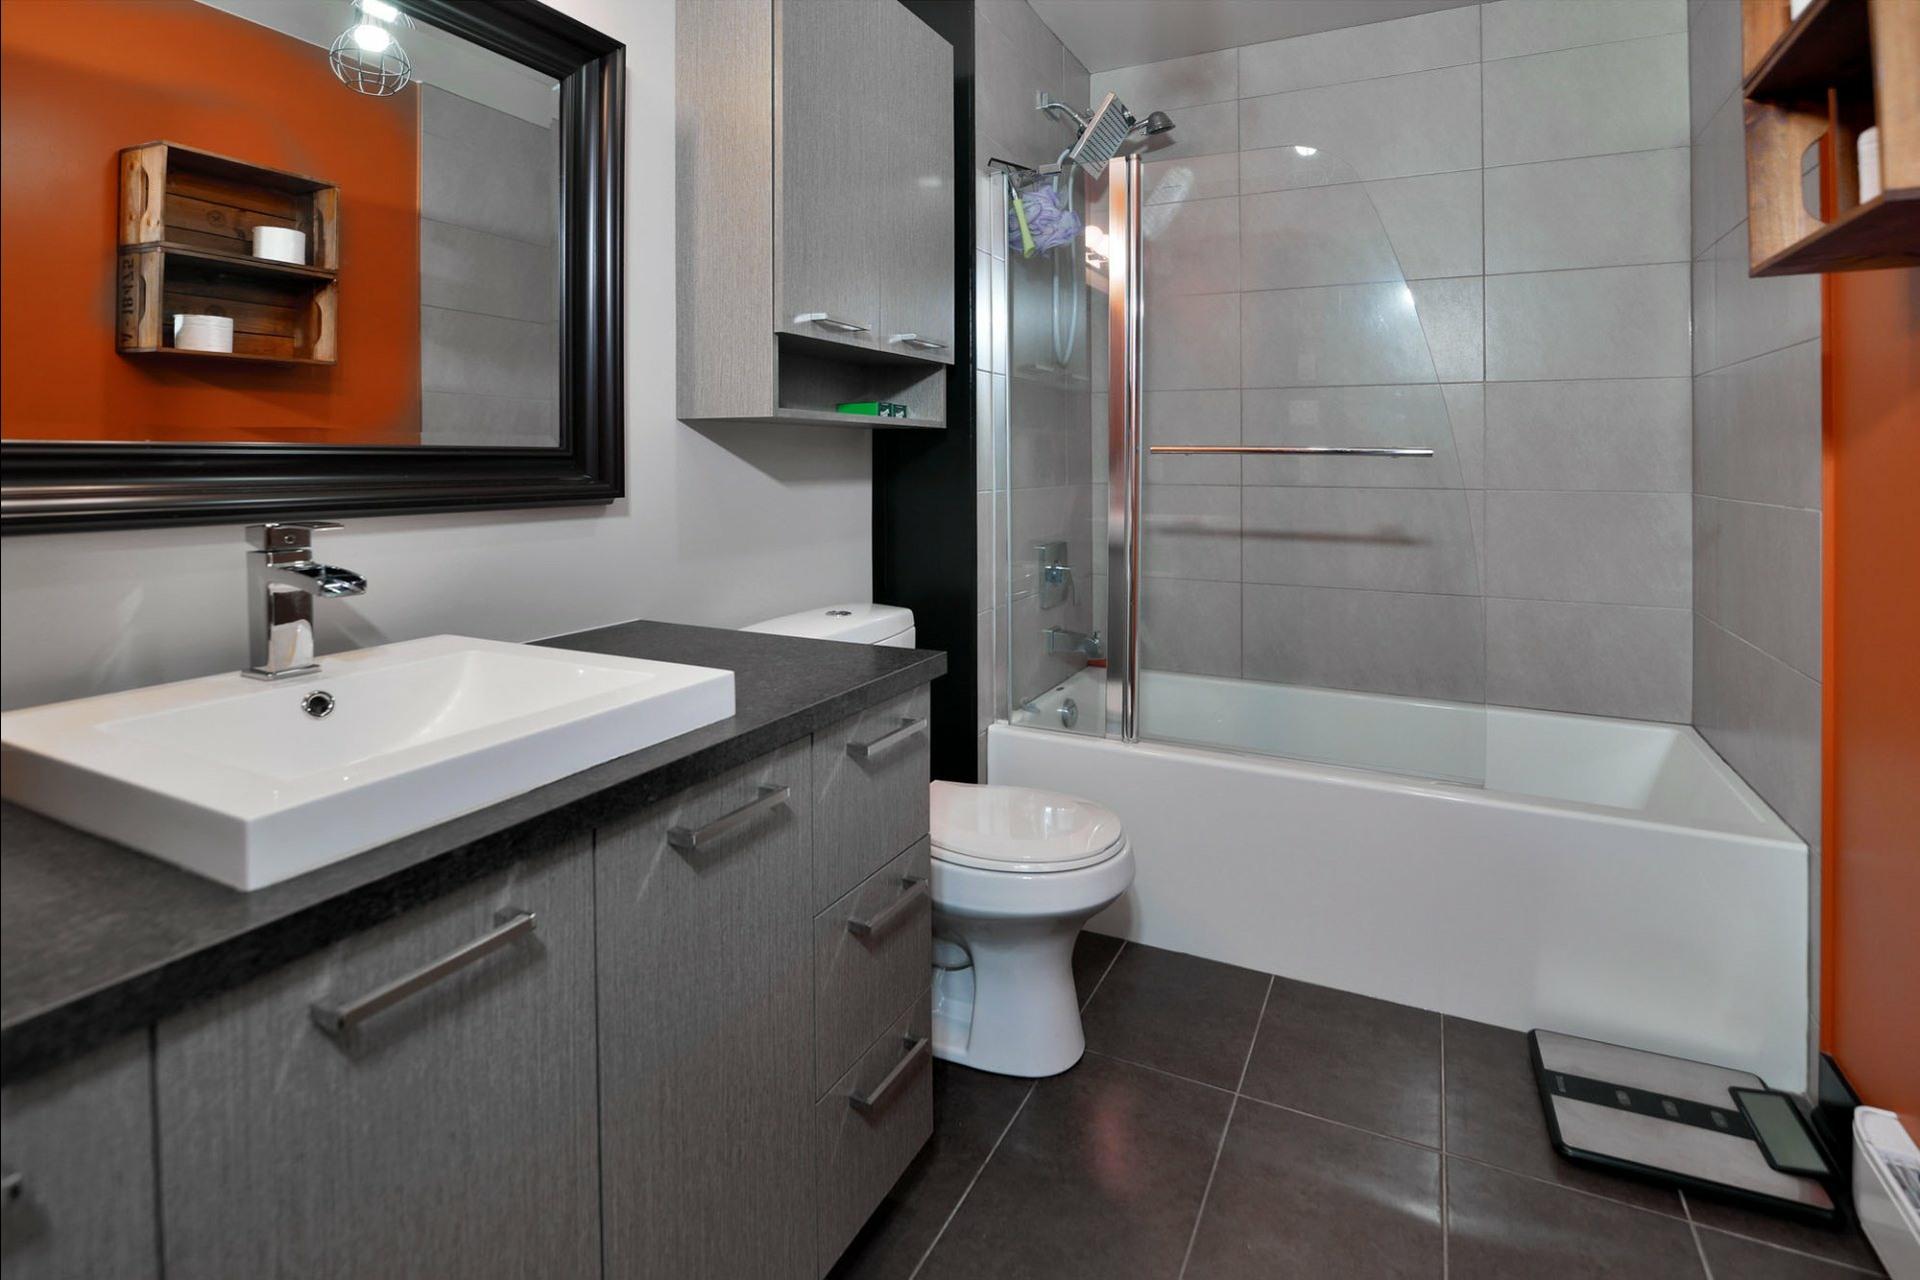 image 20 - Appartement À vendre Vaudreuil-Dorion - 6 pièces